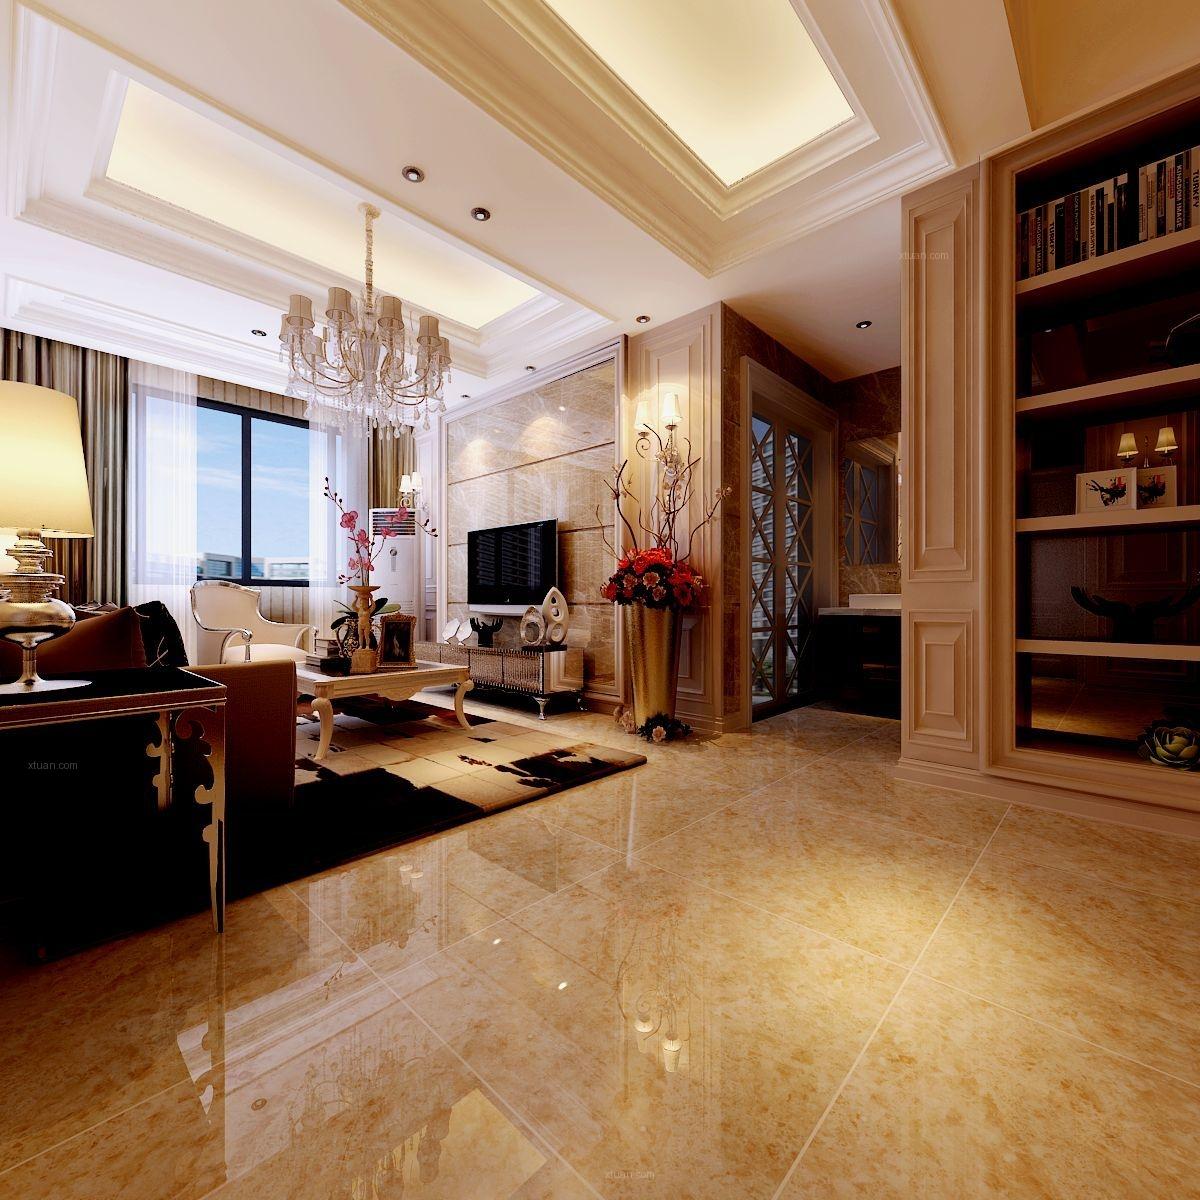 长宁区专业二手房装修设计公司 - 家居装修